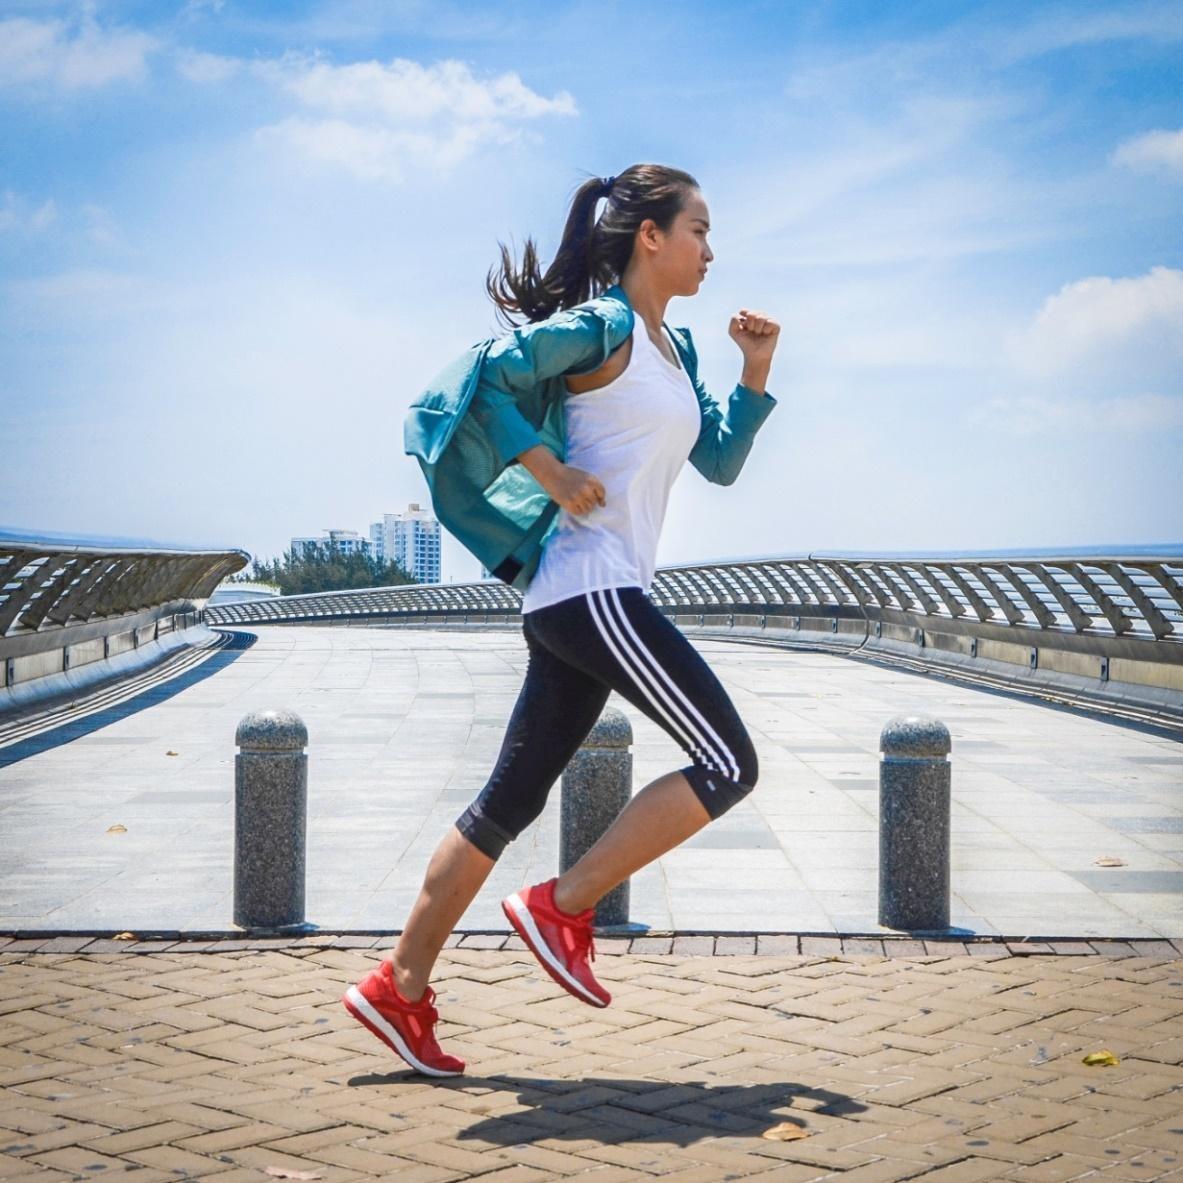 Chạy bộ có to chân không? chạy bộ như thế nào đúng cách